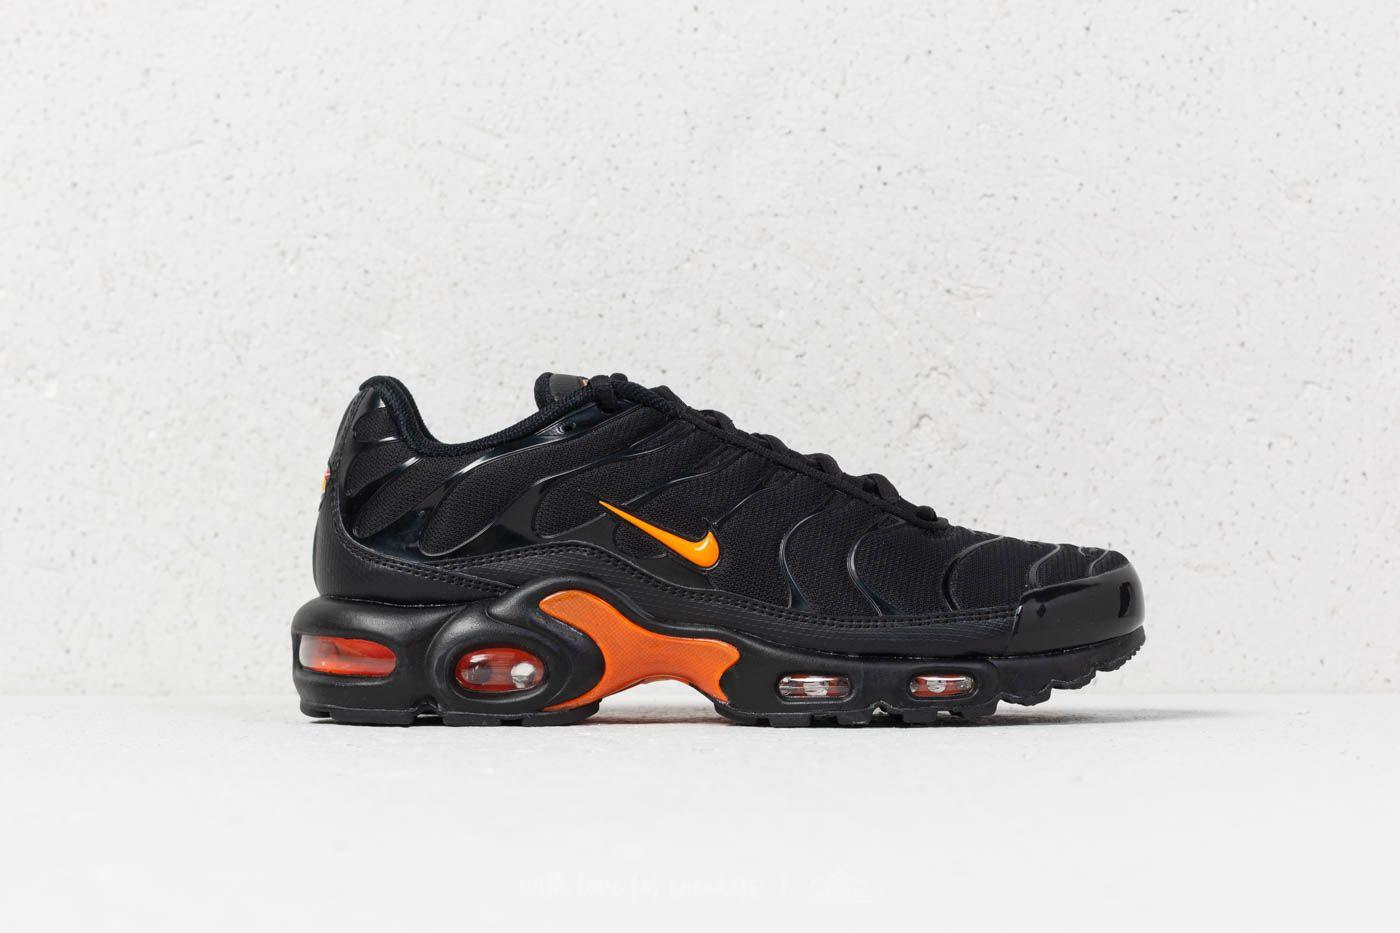 shoes Nike Air Max Plus TN SE Black